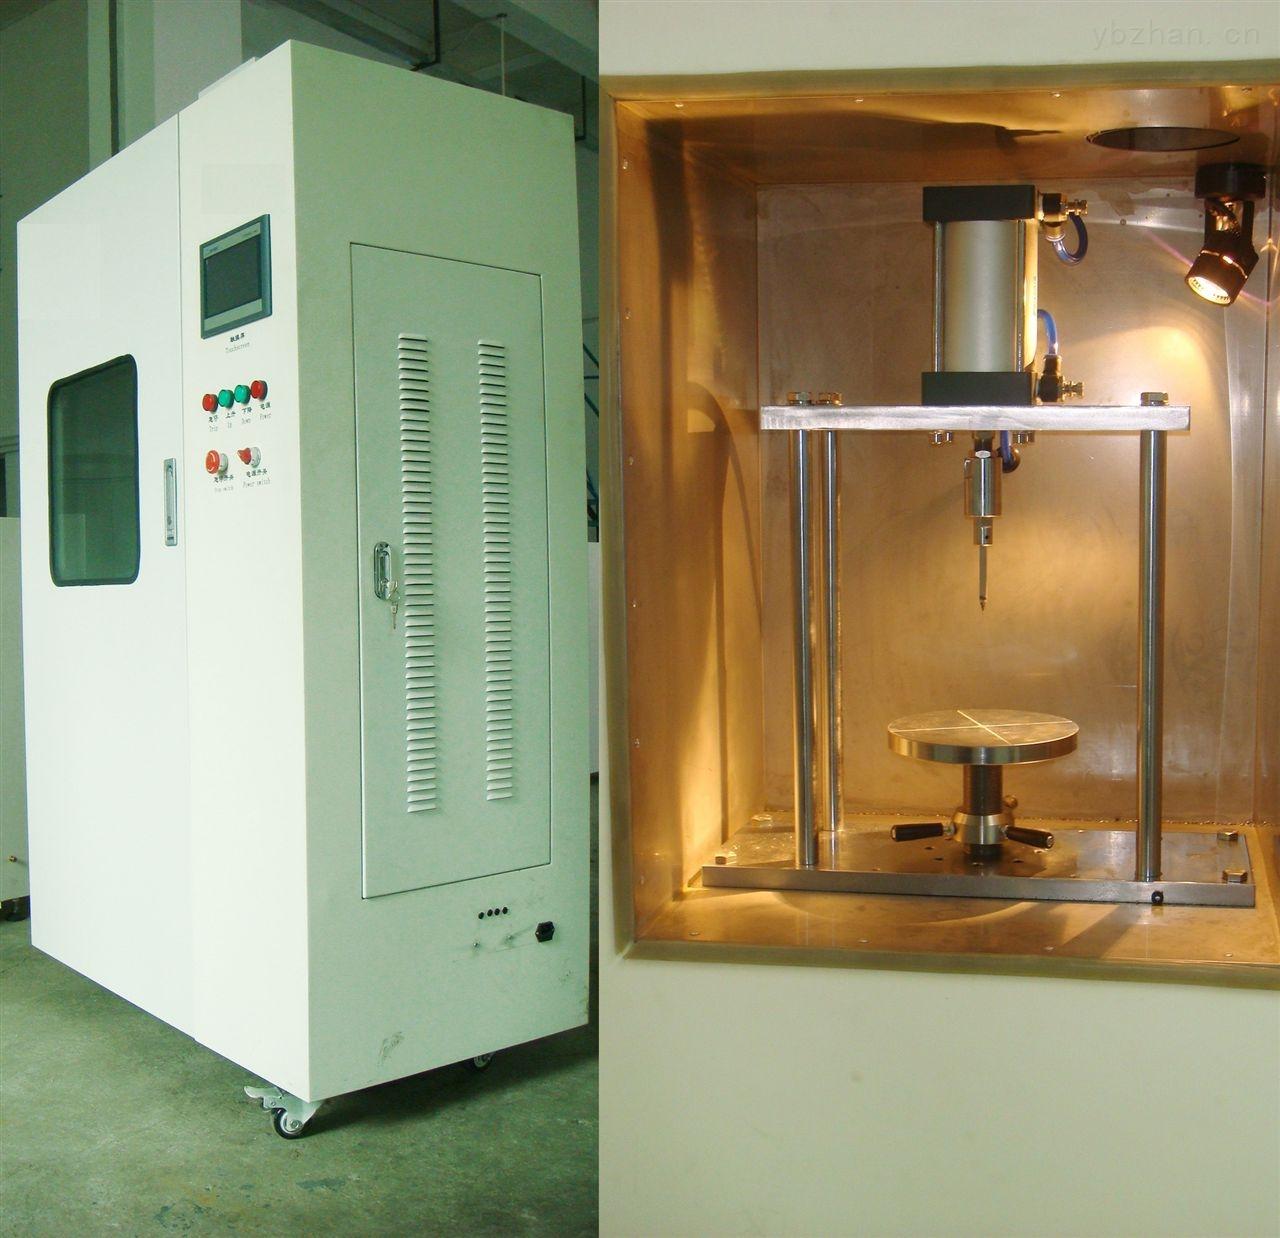 GB31485电动汽车用锂离子动力蓄电池包和系统挤压/针刺试验装置